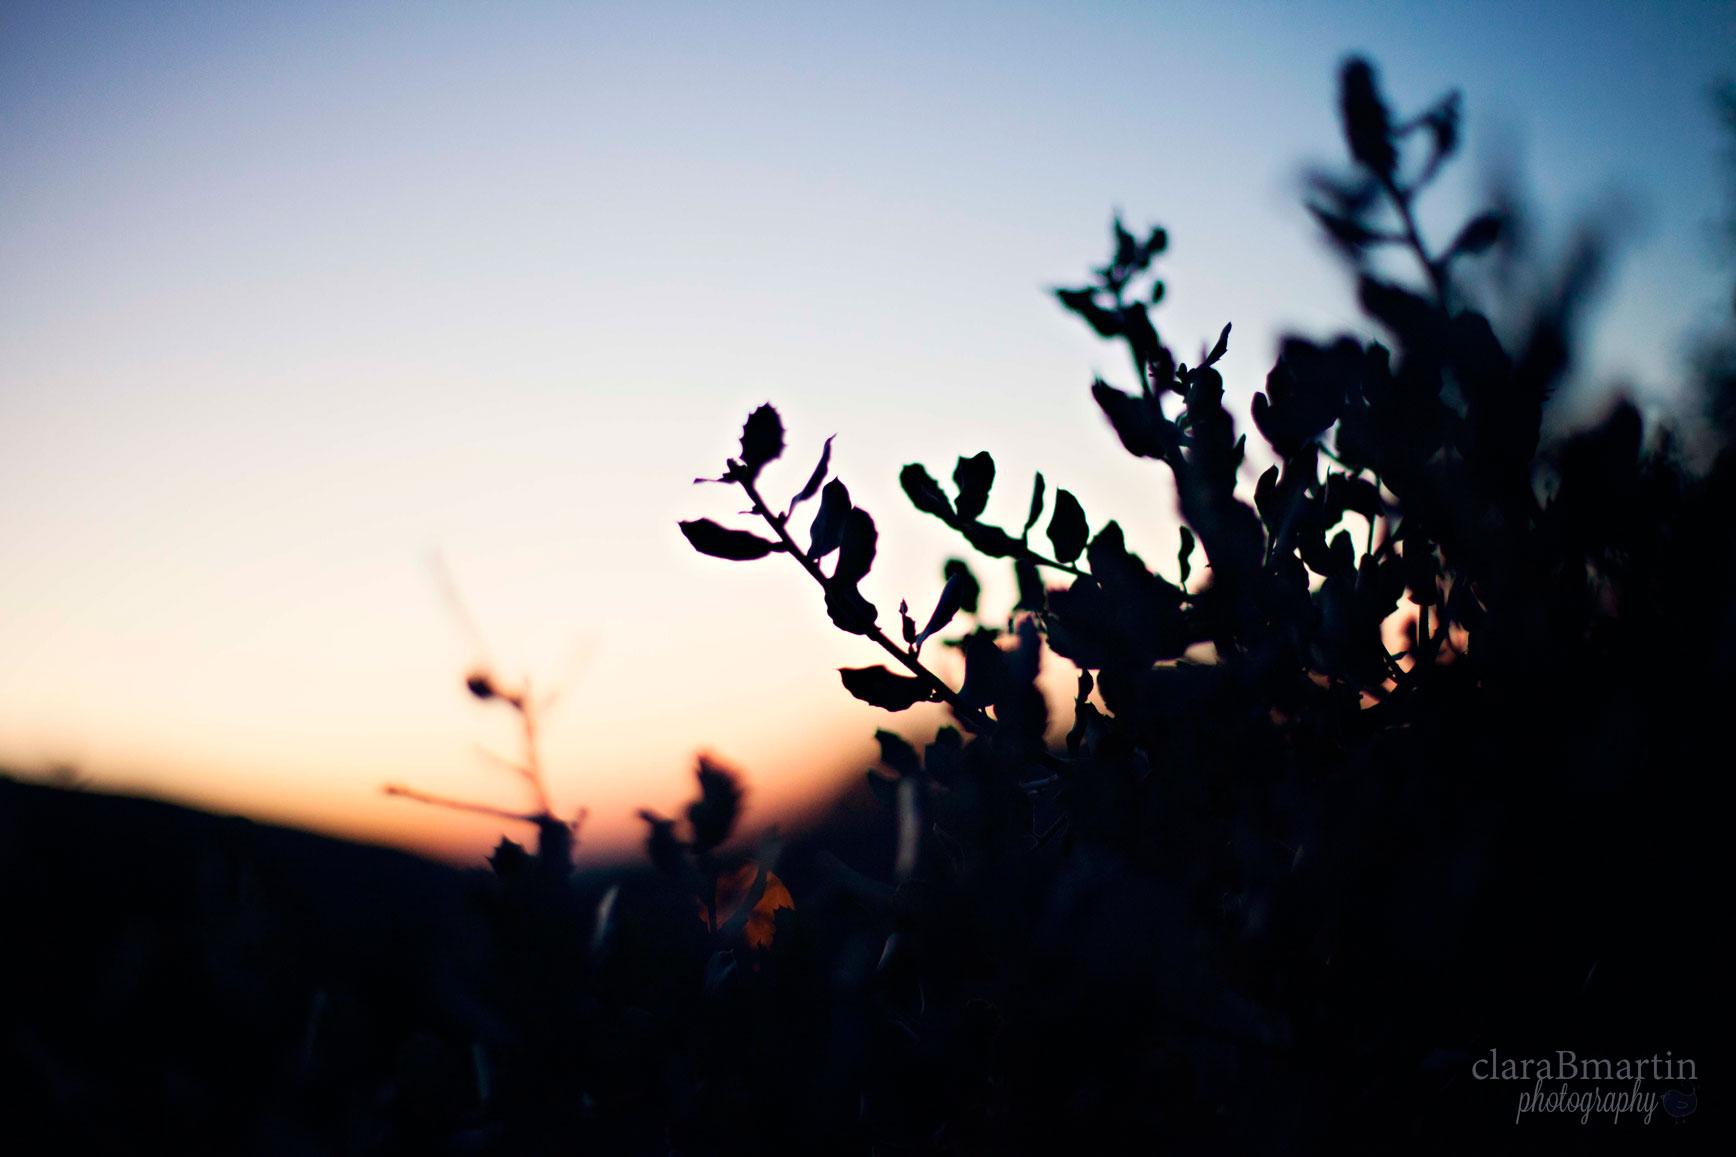 Despierta_fotoclaraBmartin03